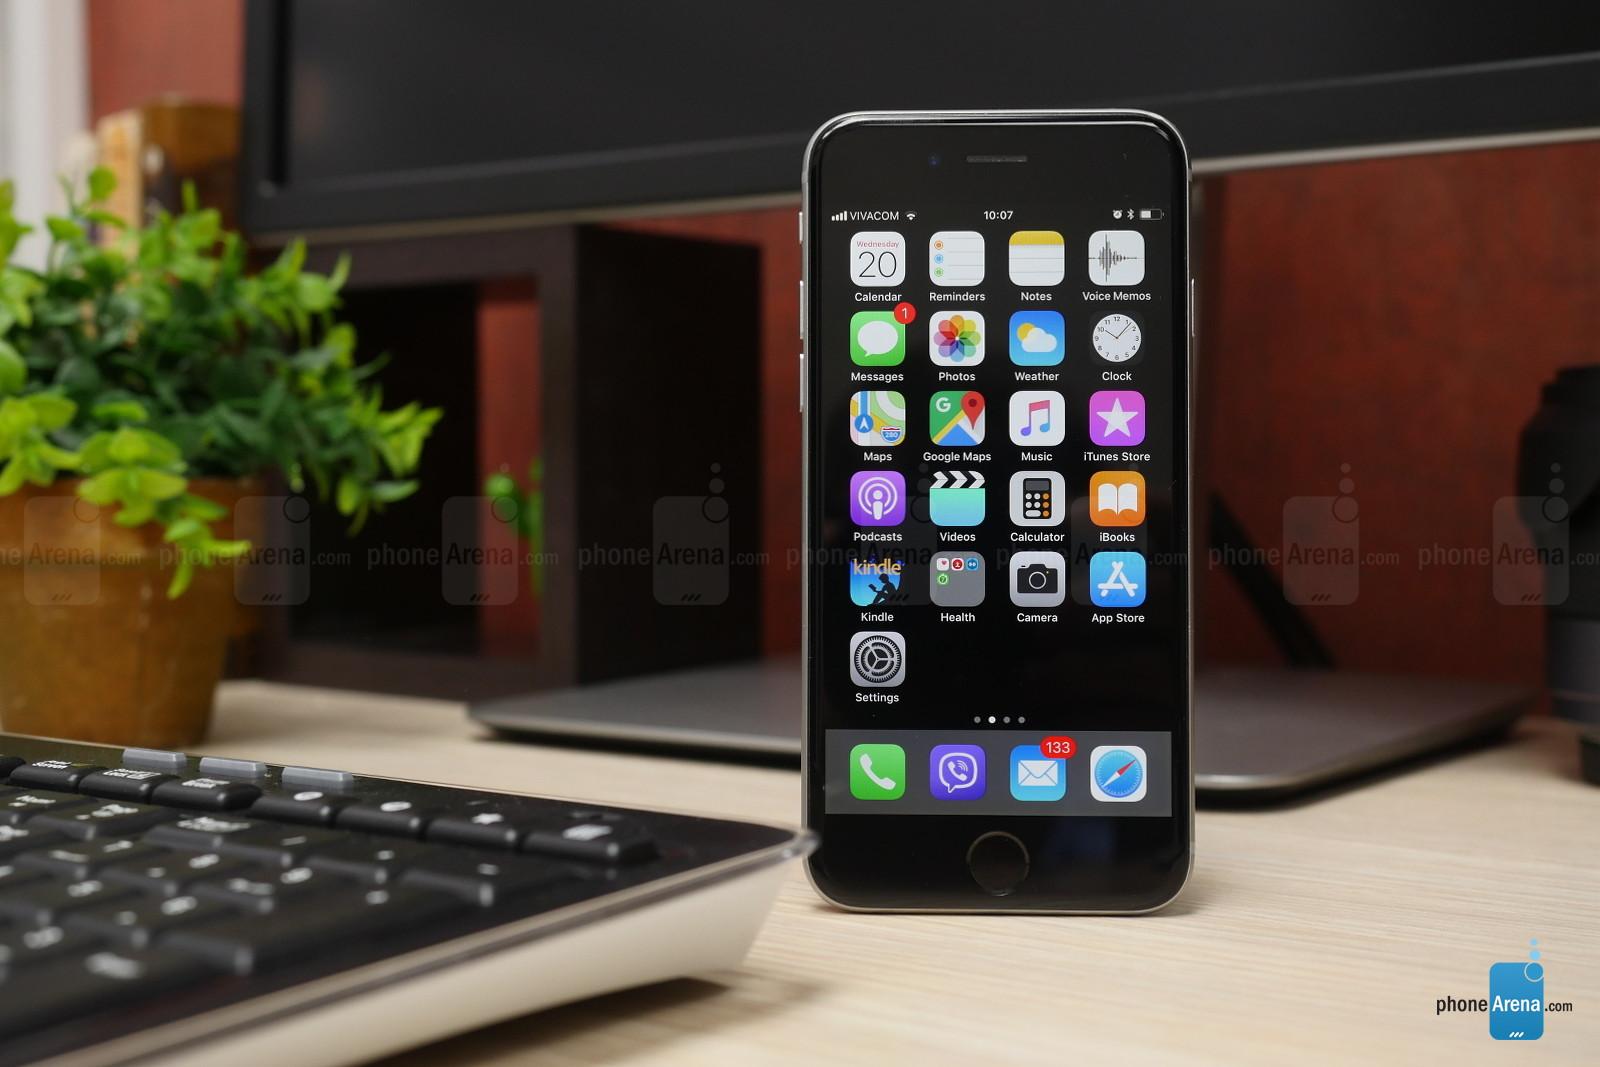 ویژگی های جدید آی او اس 11 (iOS 11) که چیزی درباره ی آن ها نمی دانستید (بخش دوم)